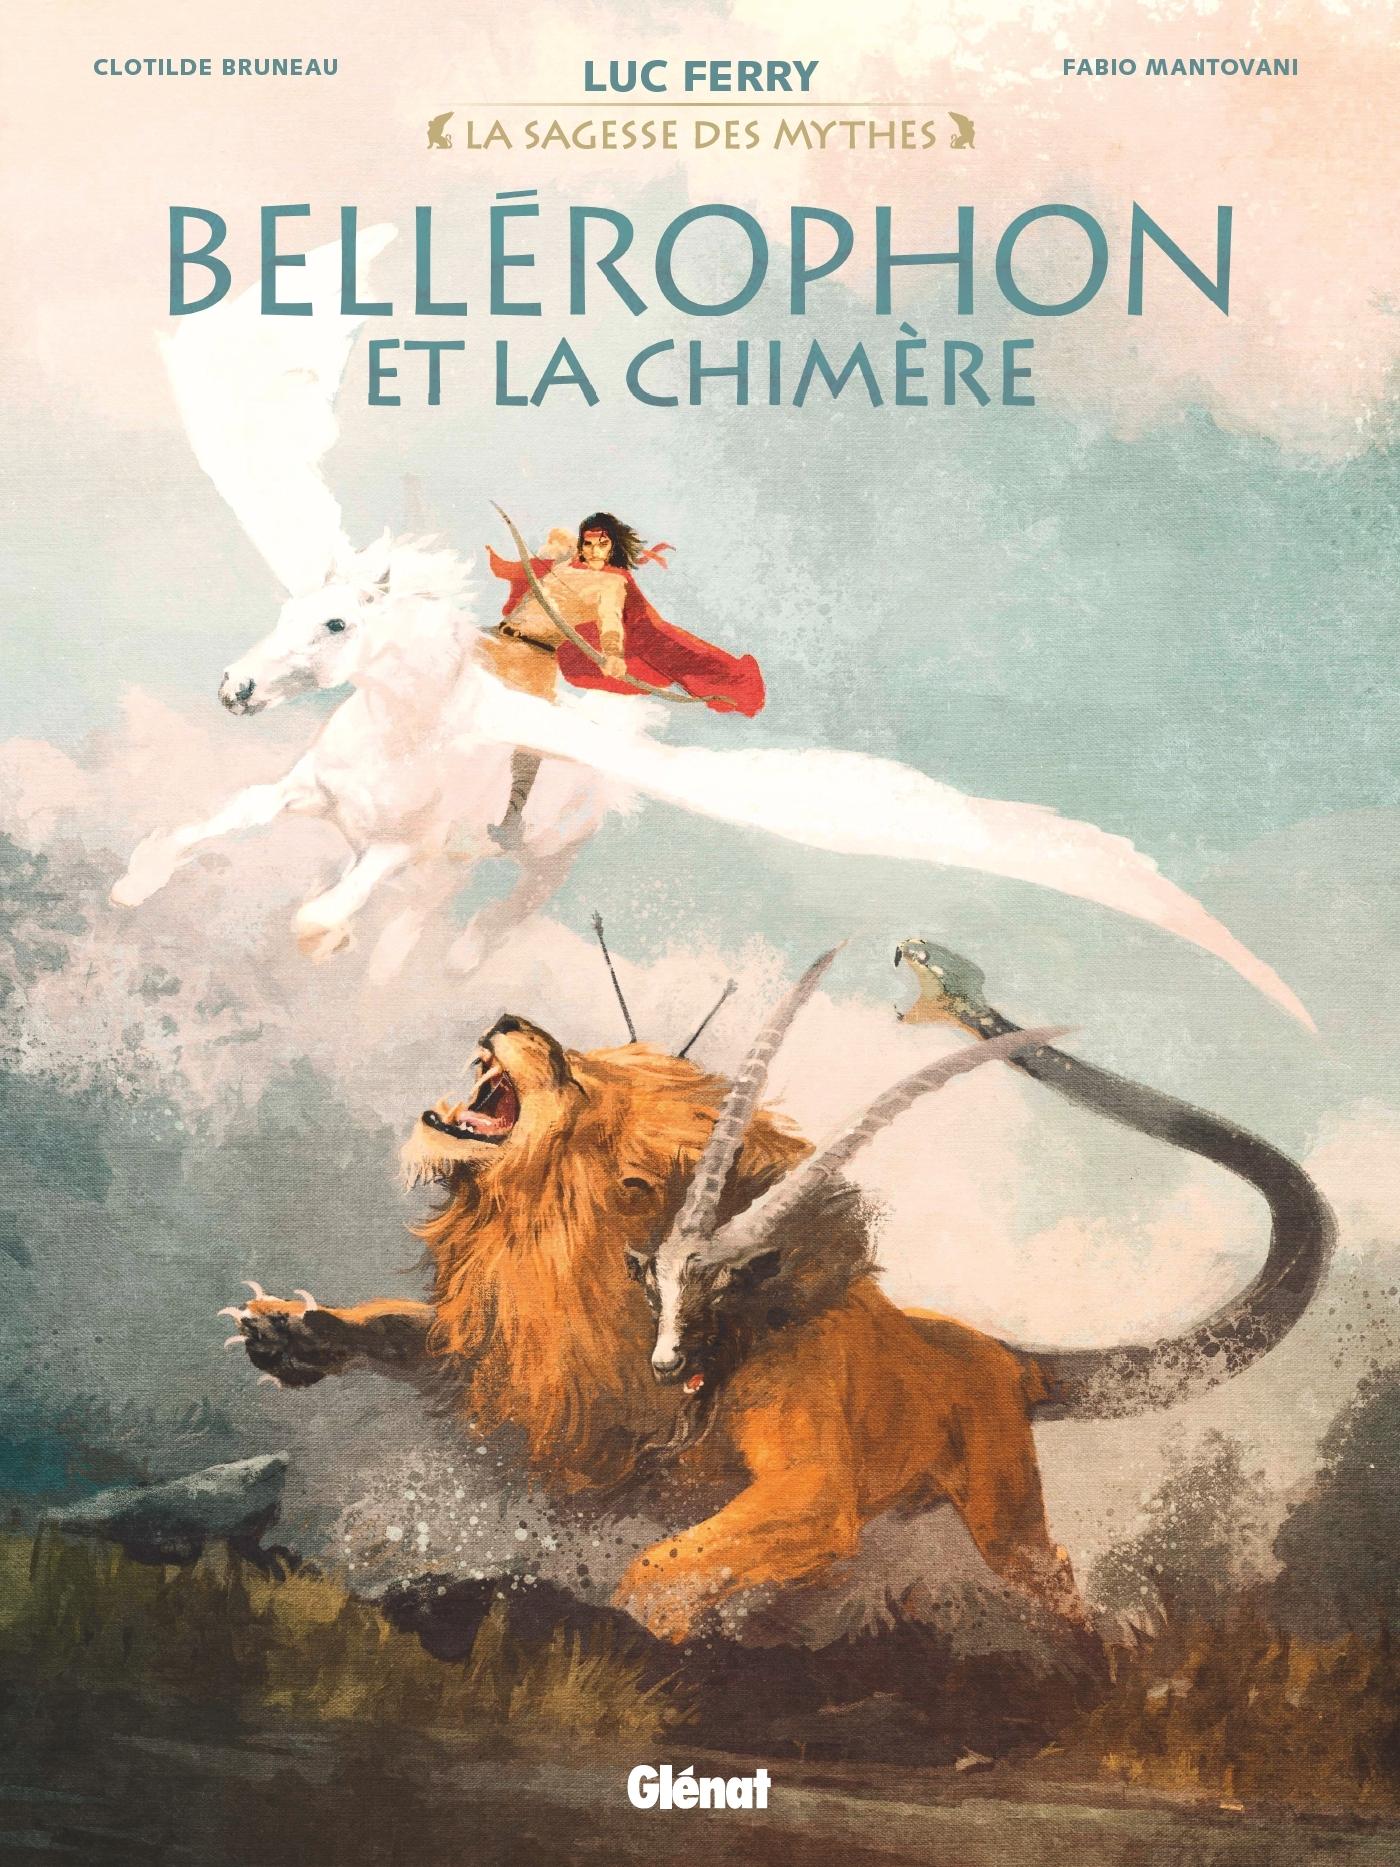 BELLEROPHON ET LA CHIMERE